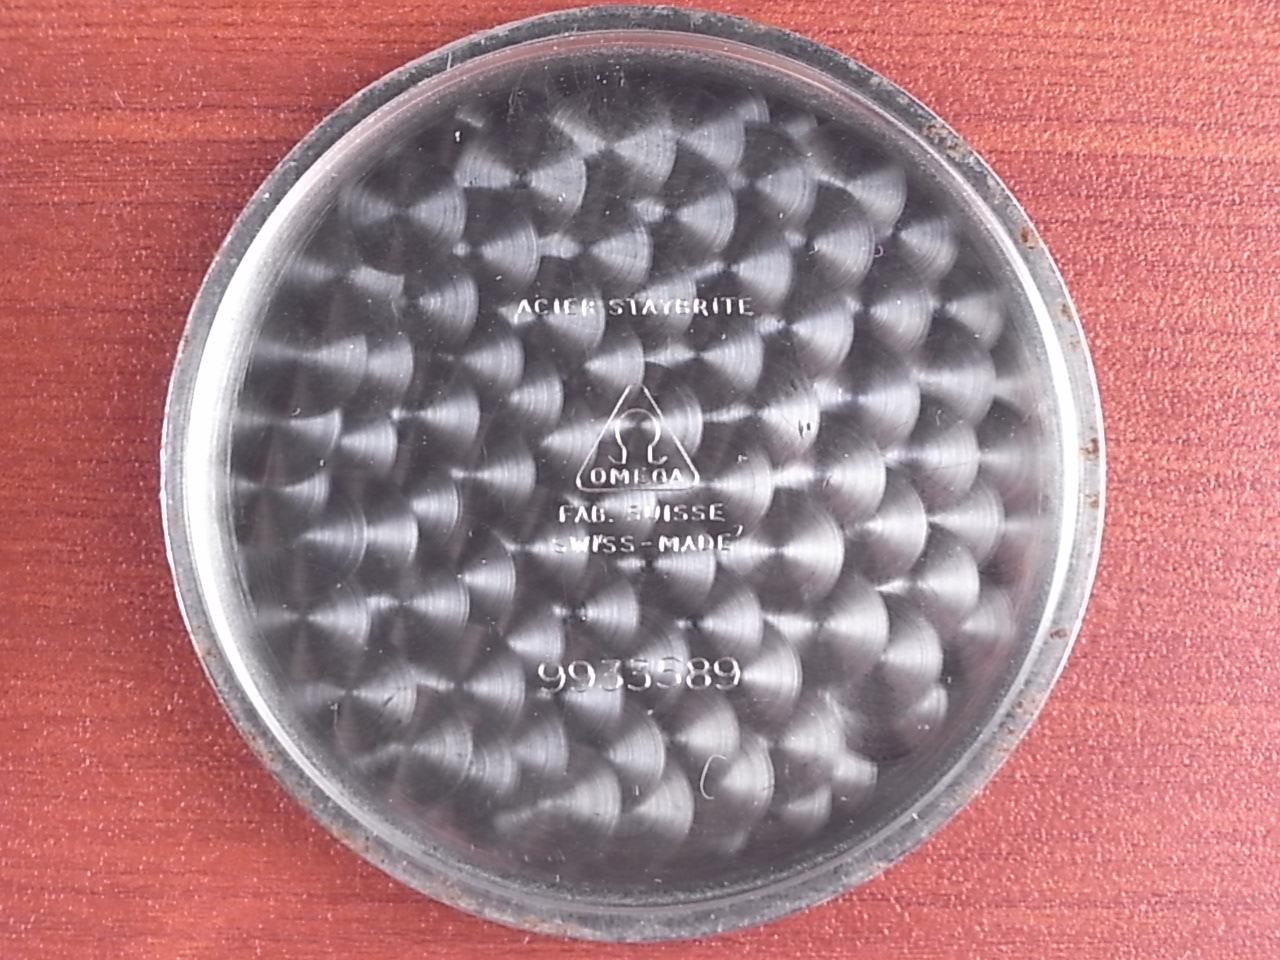 オメガ ポケットウォッチ ブラック/グレー 2トーンダイアル 1940年代の写真6枚目